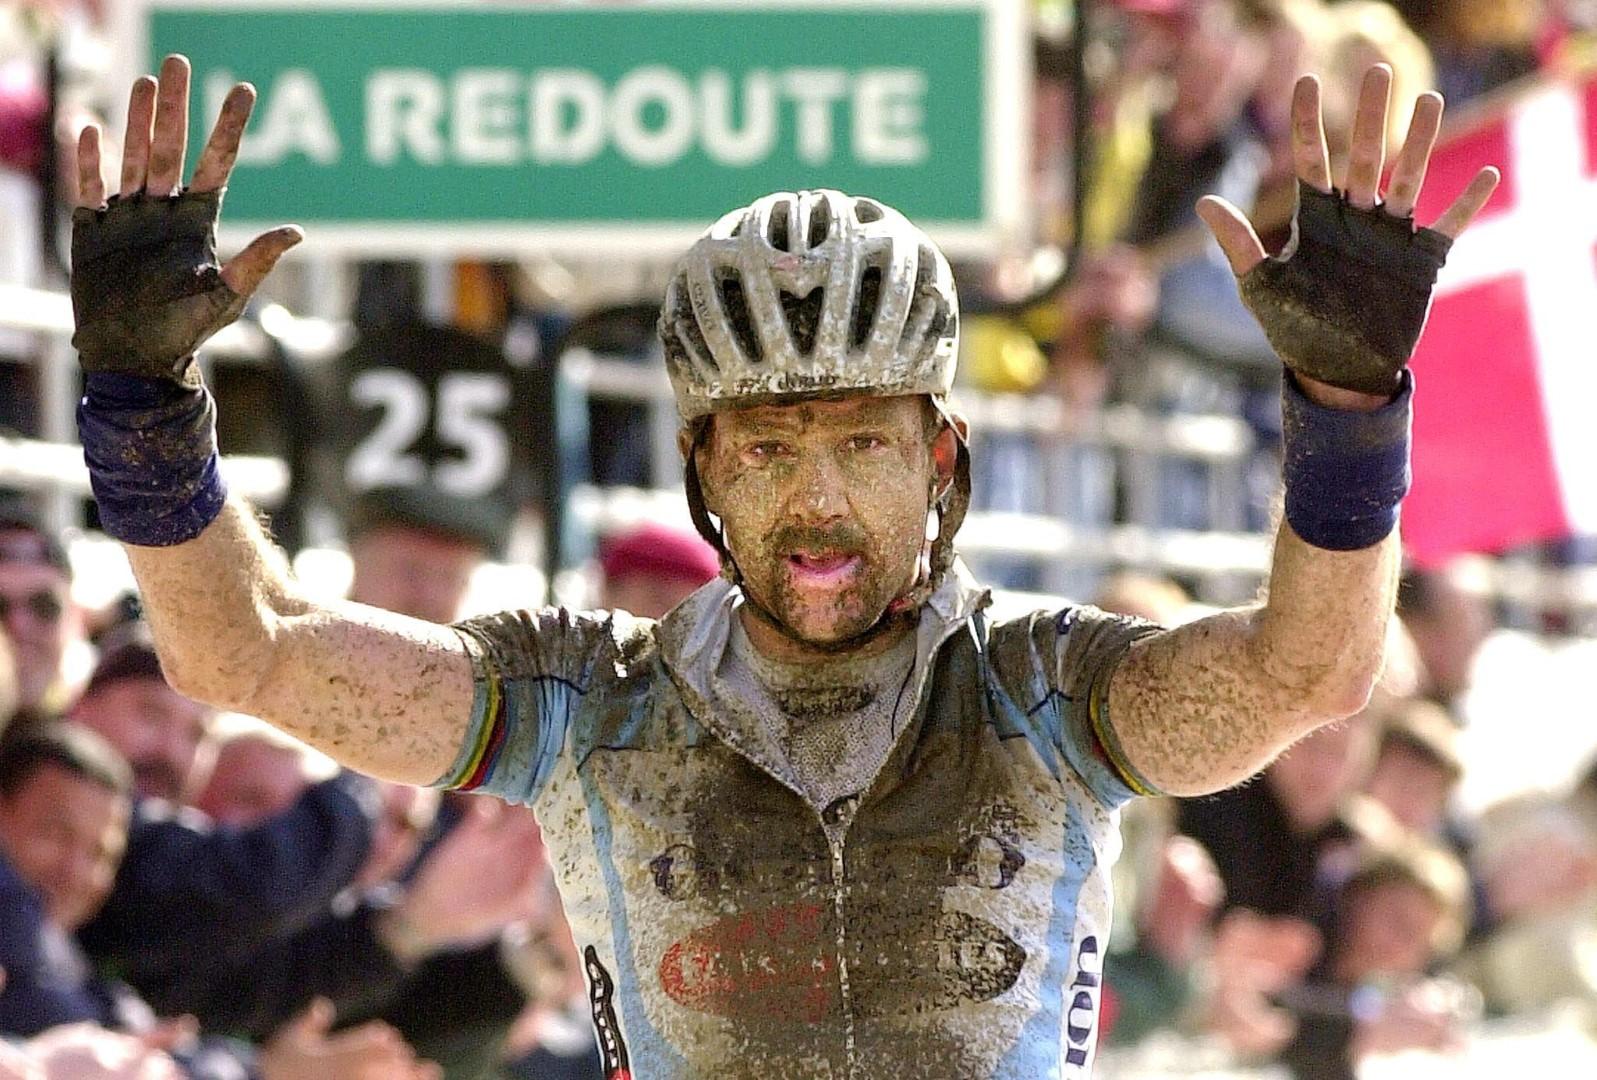 """Museeuw zegevierend in Roubaix. """"Mensen zien mij weer als de kampioen van mijn generatie."""" (foto belga)"""